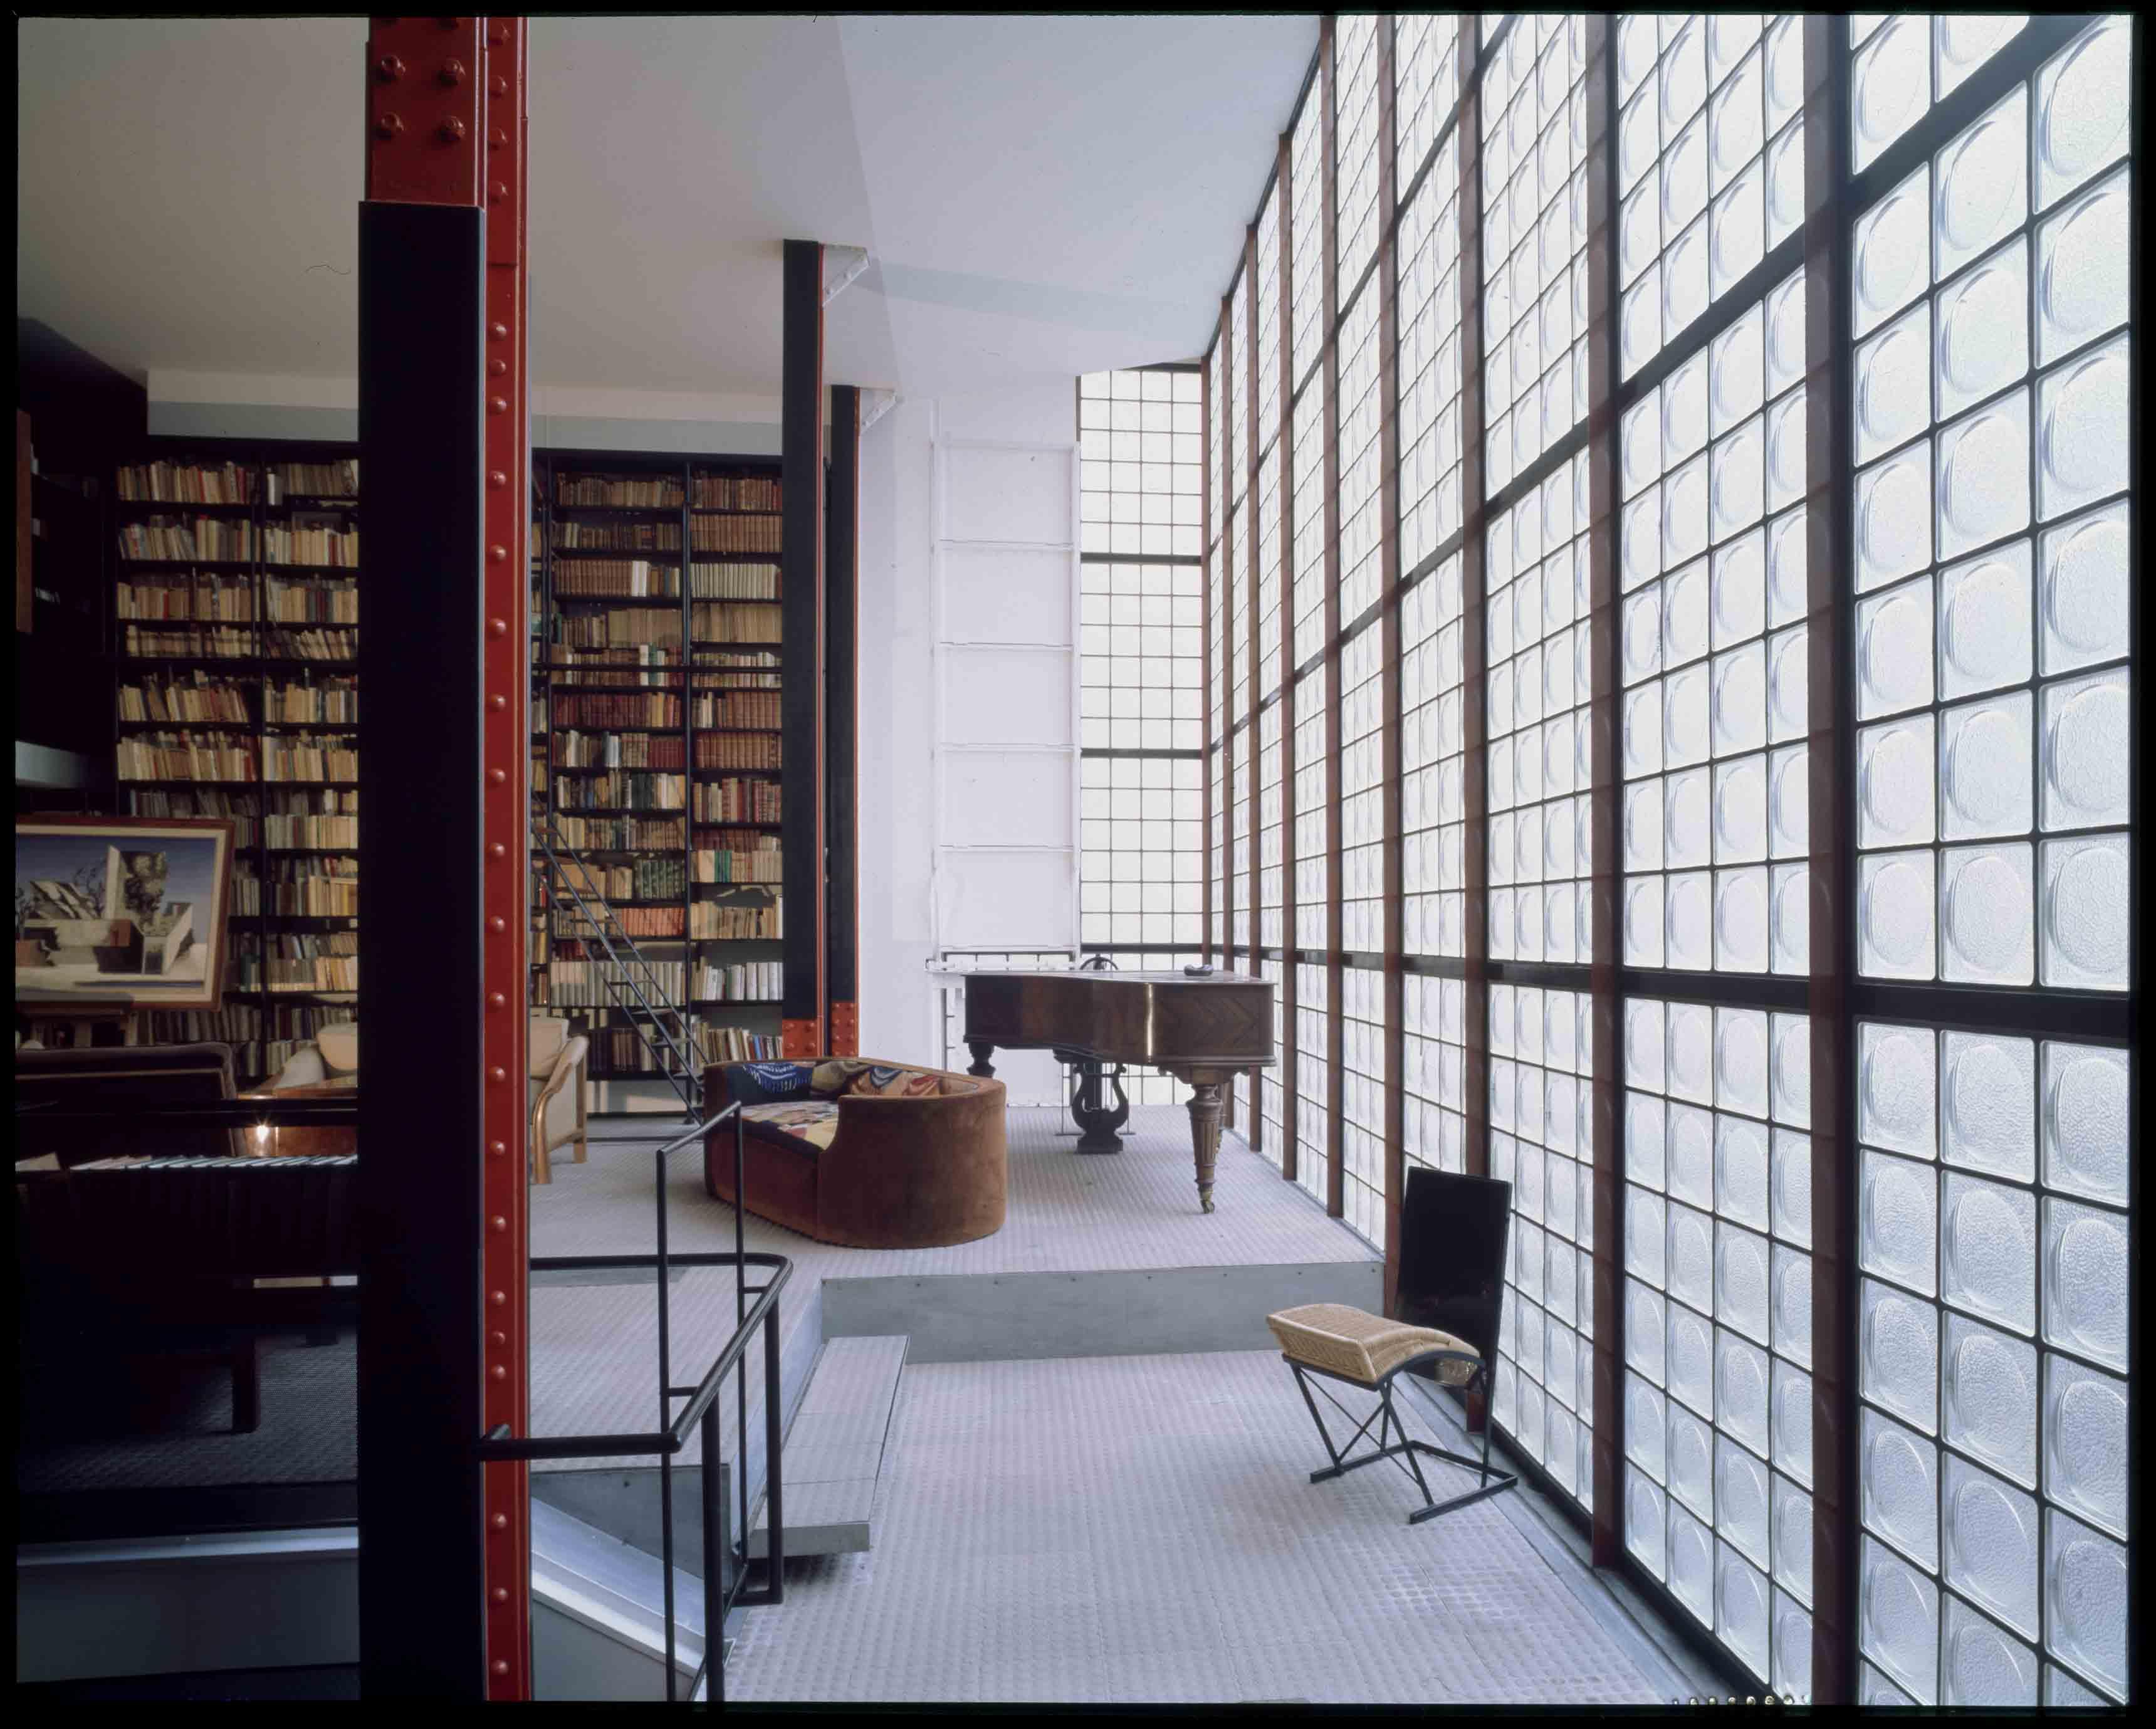 Pierre Chareau, Maison de Verre, 1928-1932 © Centre Pompidou, MNAM/CCI Georges Meguerditchian Distr. RMN-GP